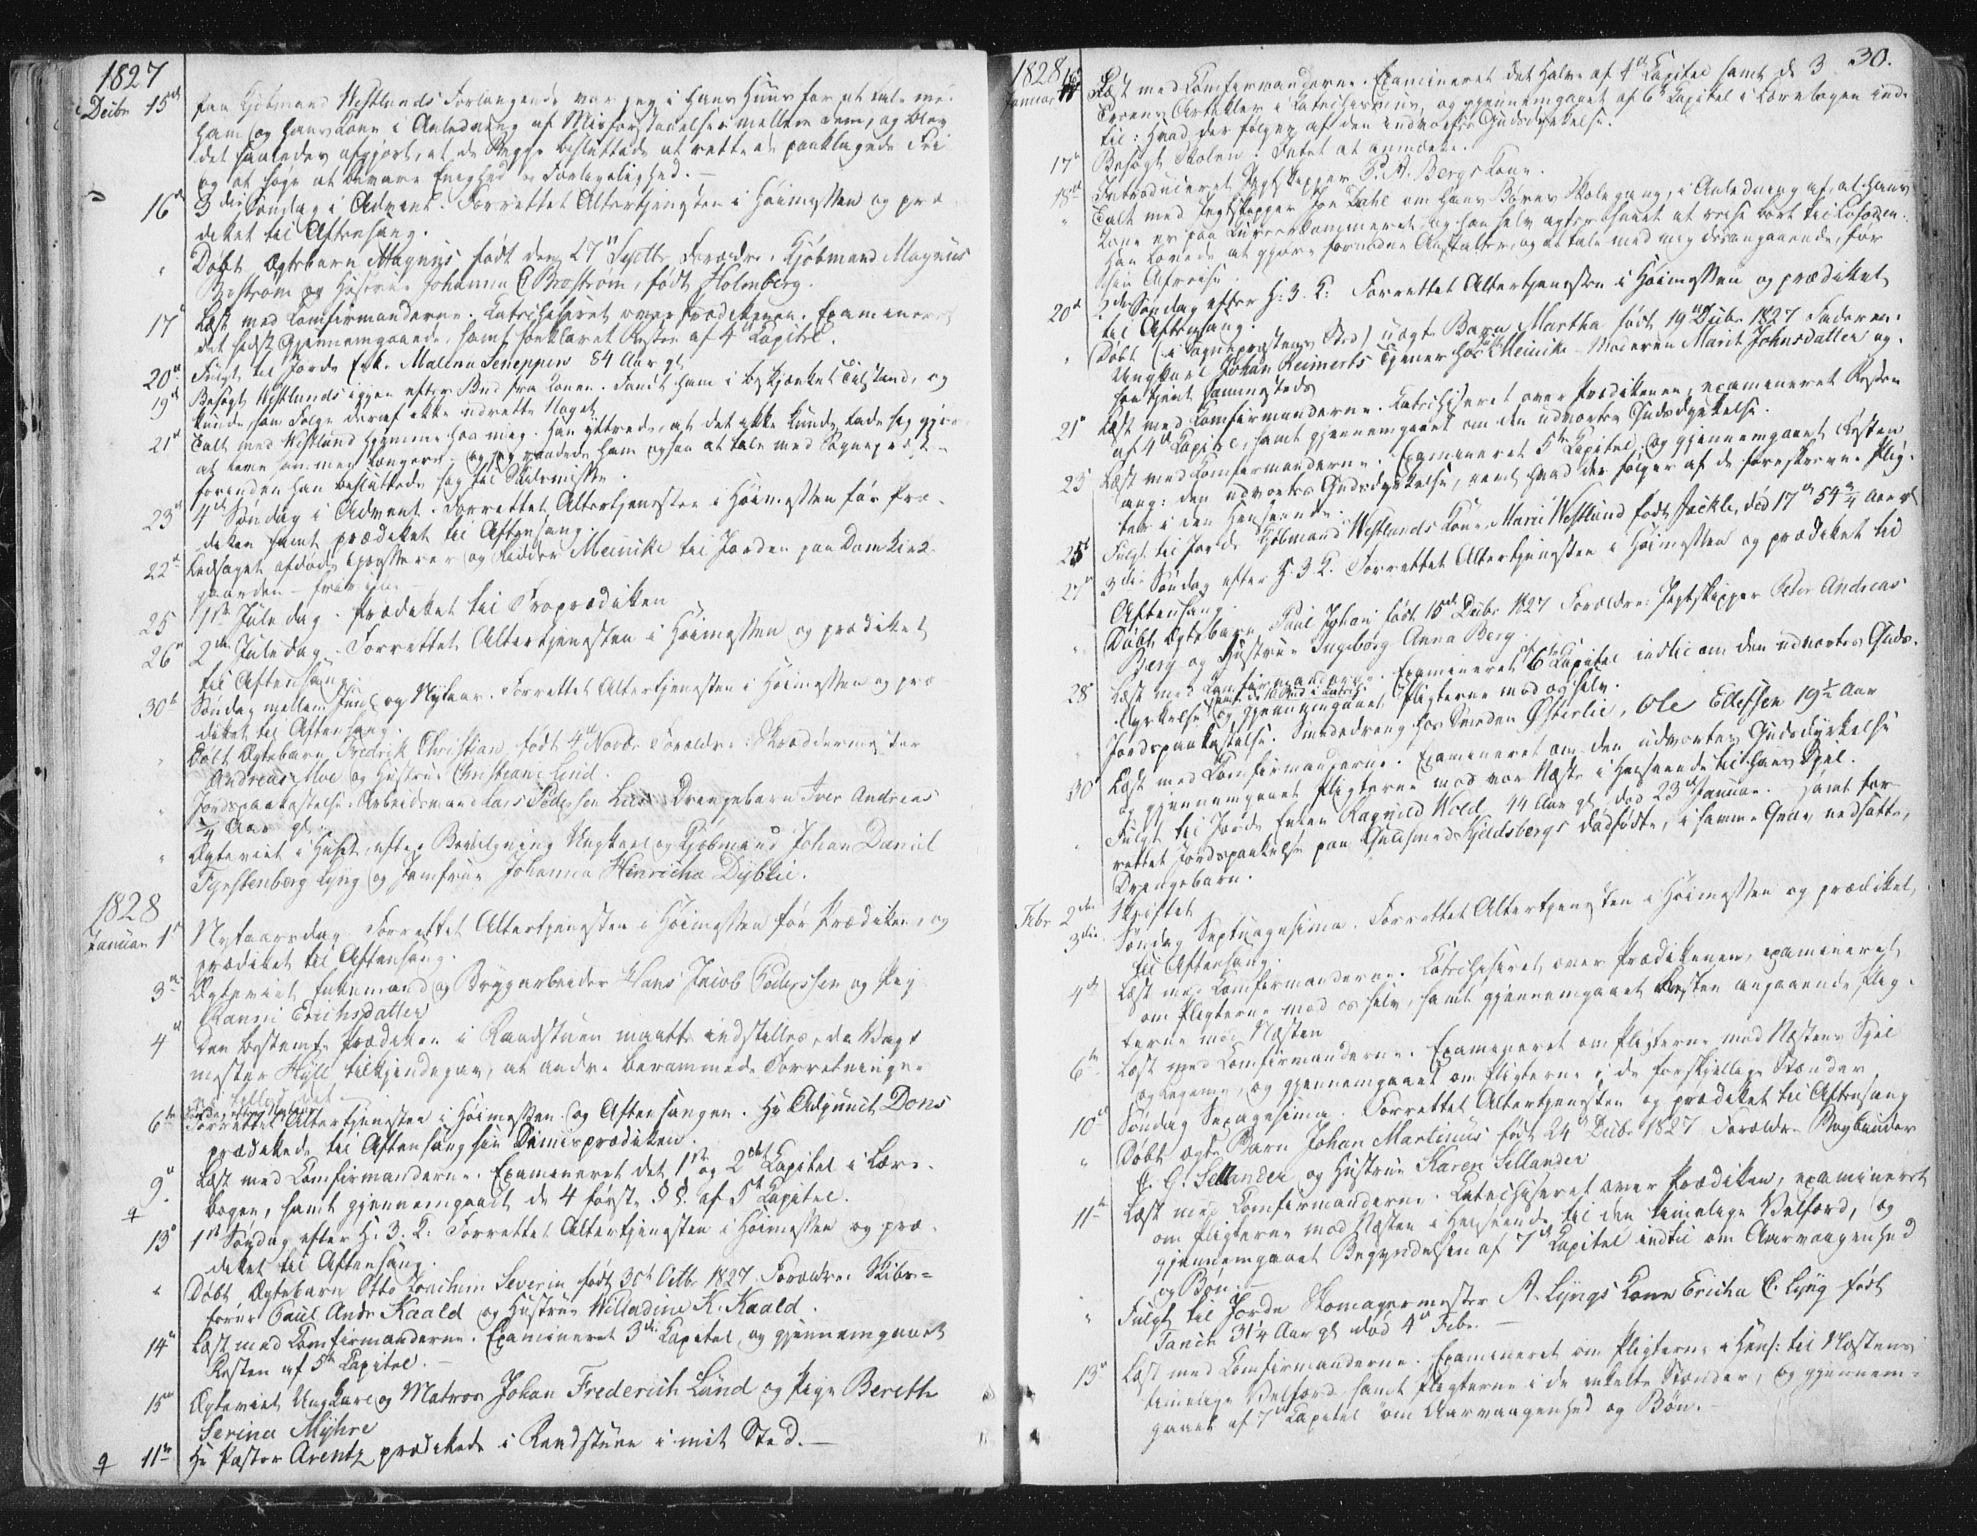 SAT, Ministerialprotokoller, klokkerbøker og fødselsregistre - Sør-Trøndelag, 602/L0127: Residerende kapellans bok nr. 602B01, 1821-1875, s. 30